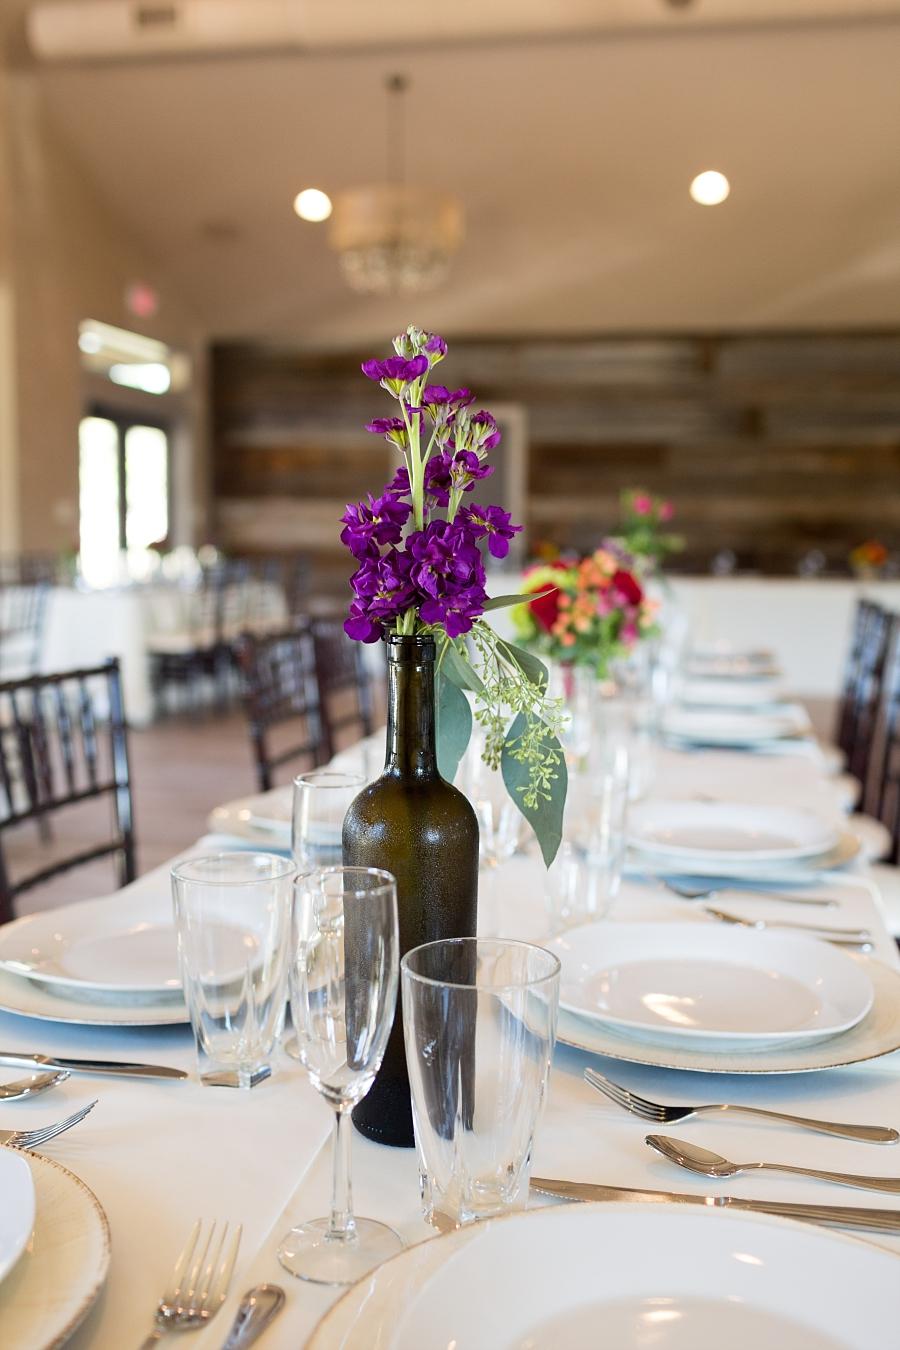 Stacy-Amderson-Photography-Houston-Fredericksberg-Wedding-Photographer_0013.jpg